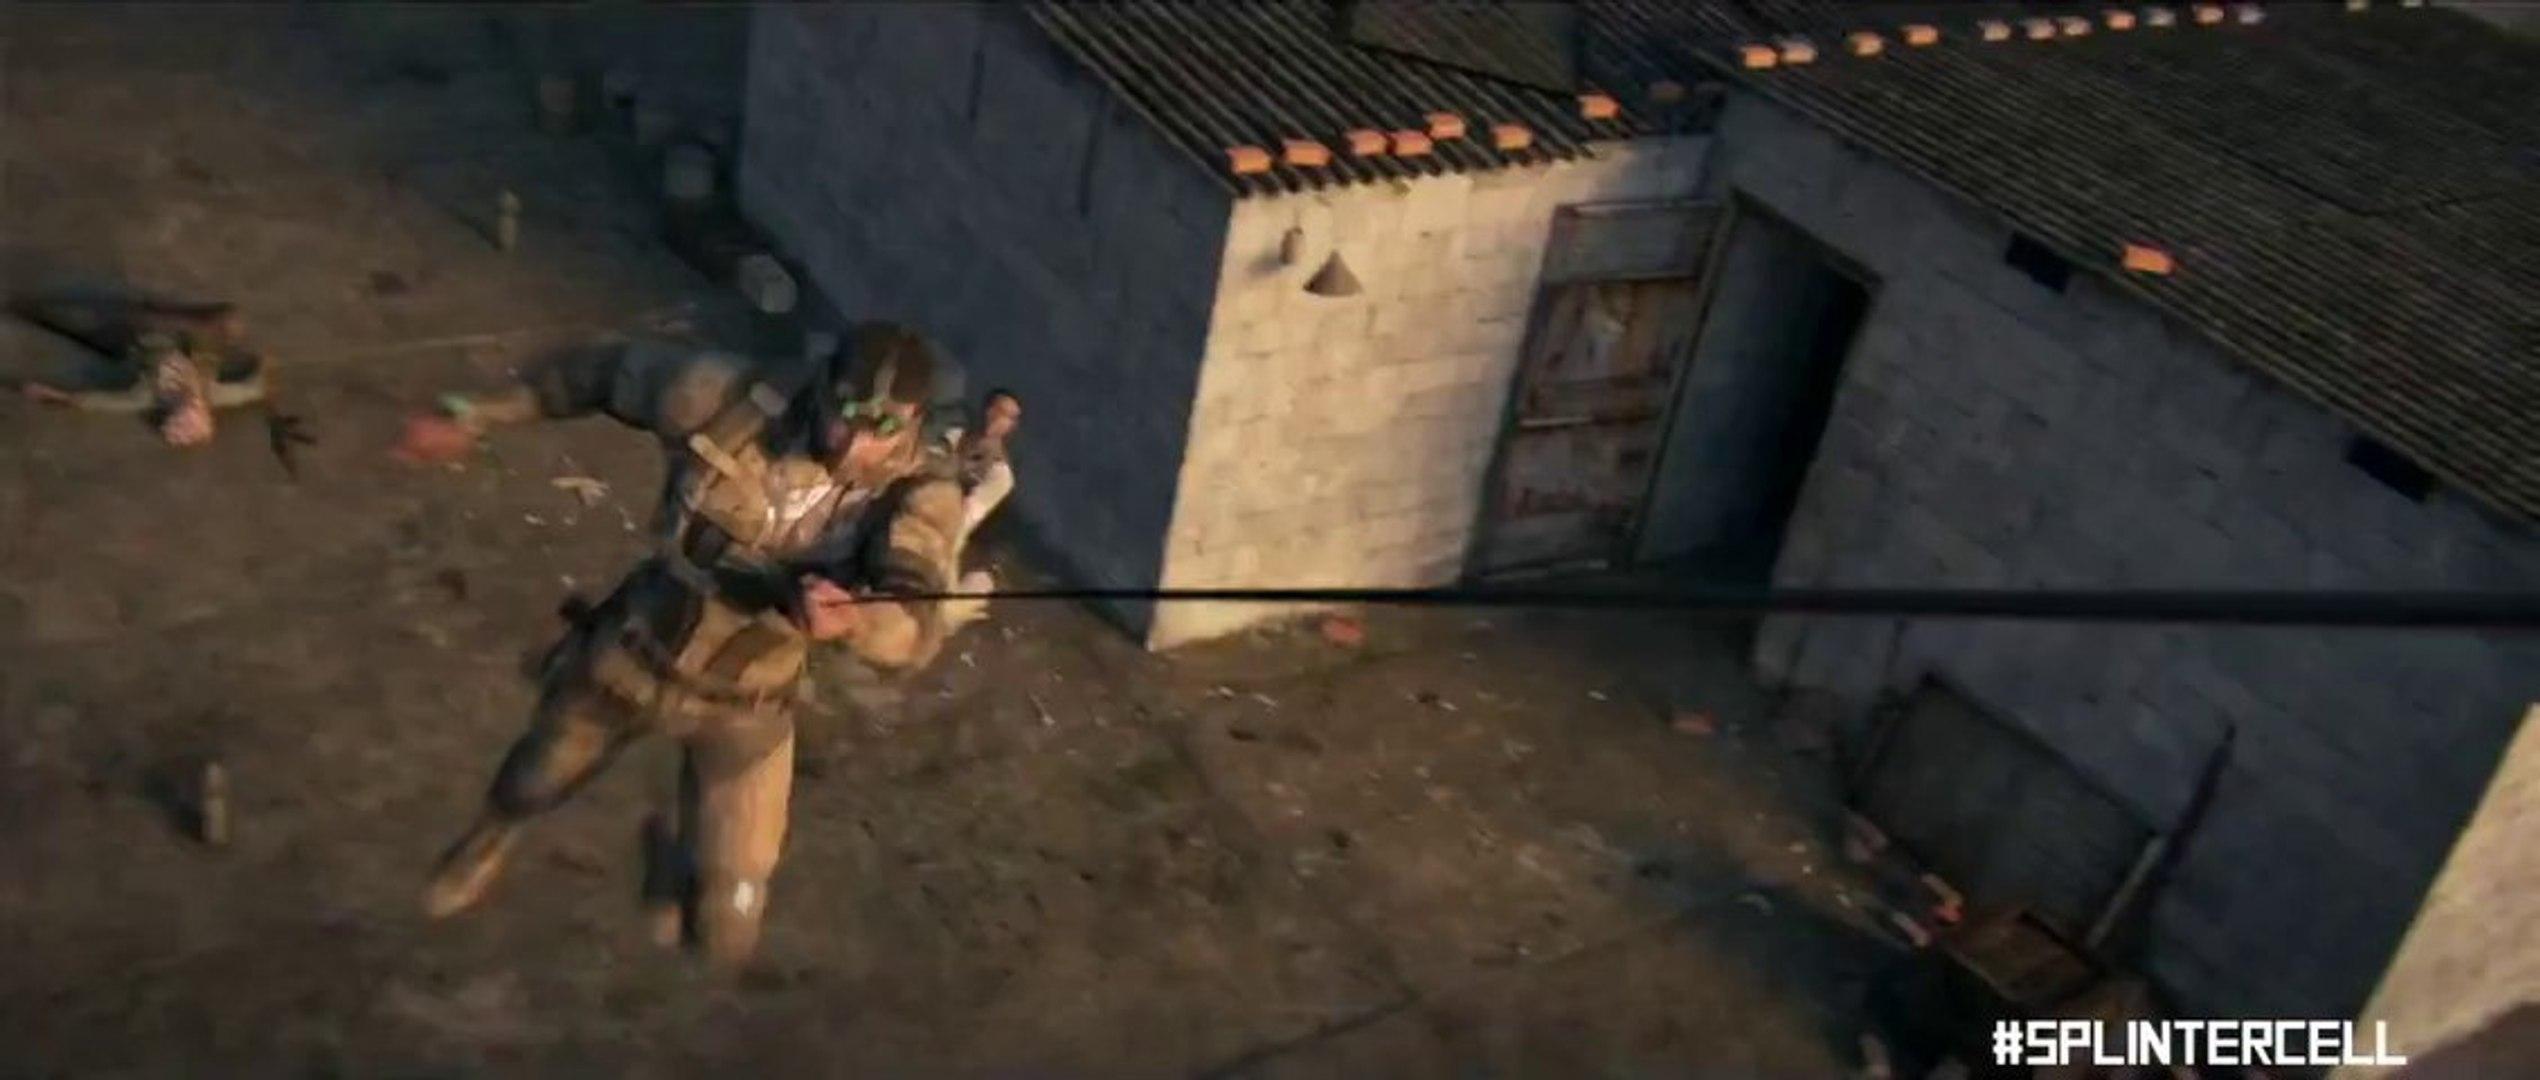 Splinter Cell Blacklist CGI Trailer